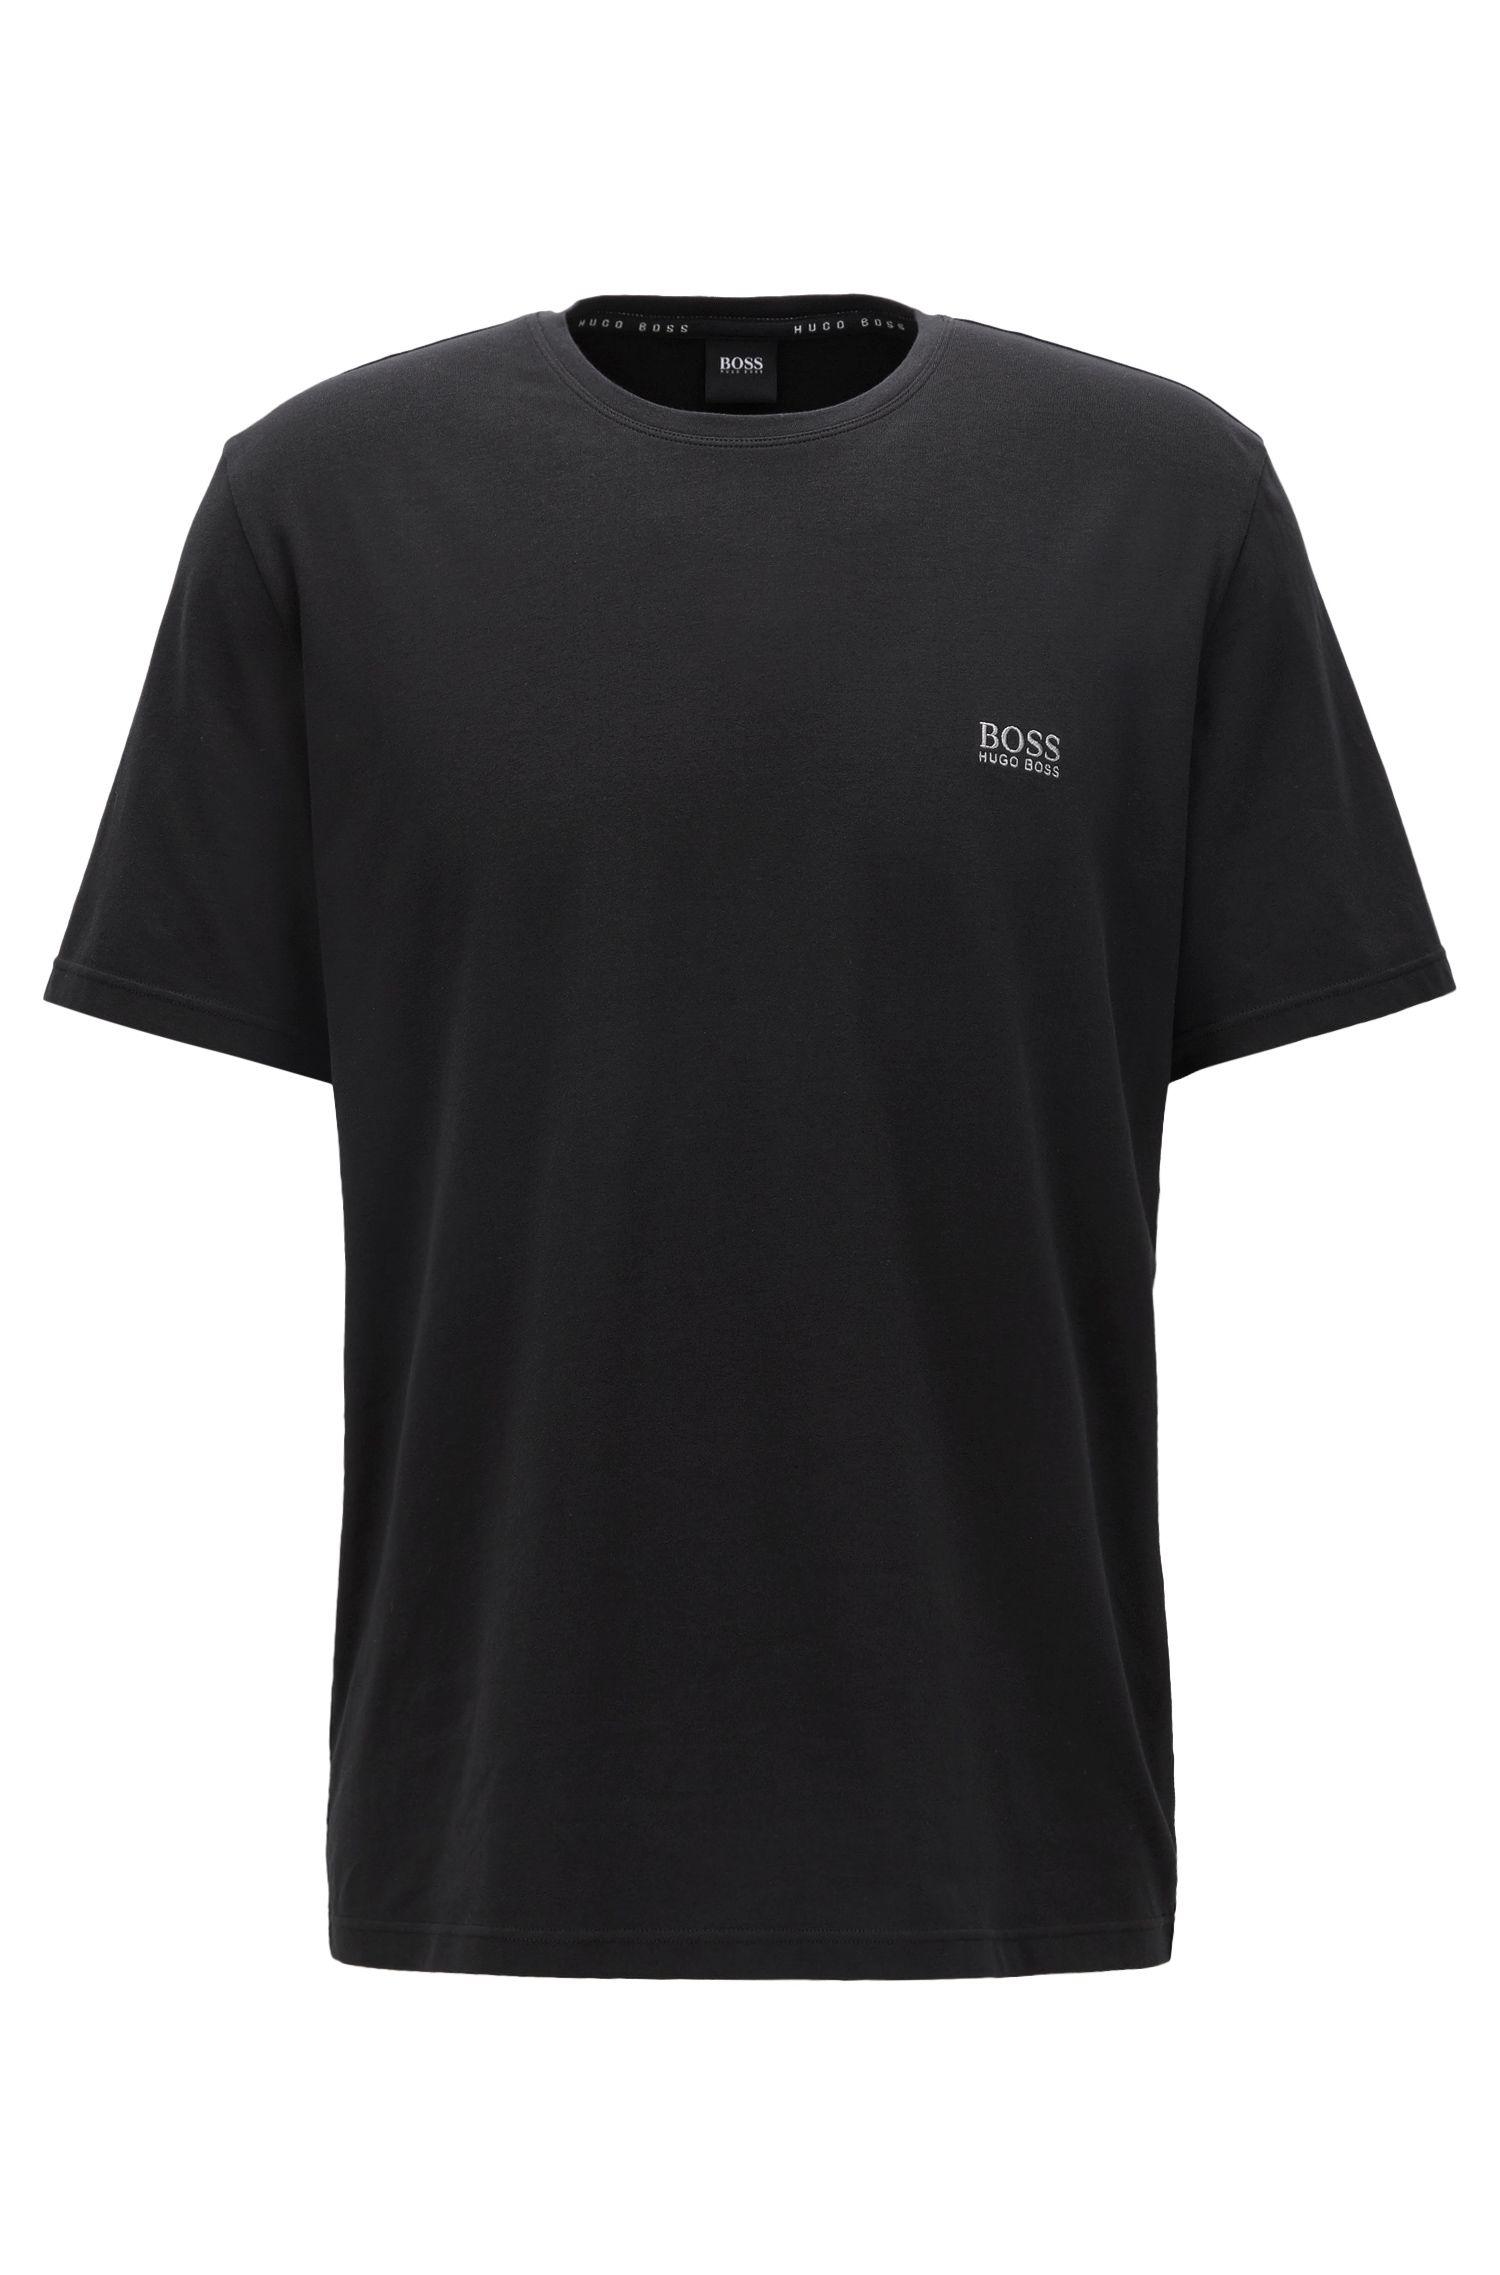 Loungewear T-shirt in single jersey cotton